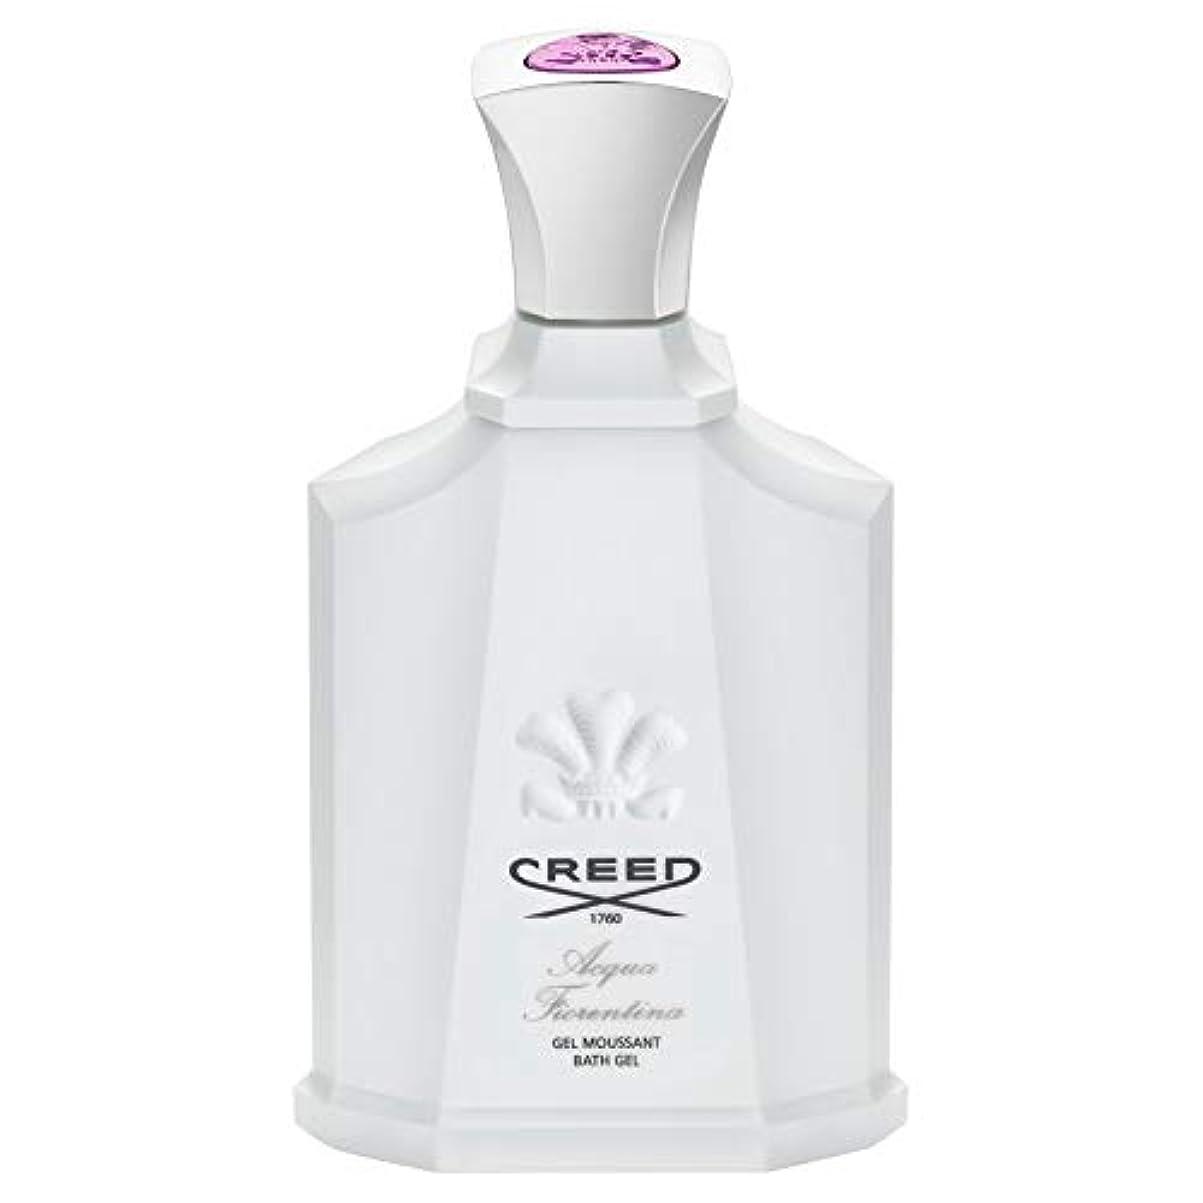 名目上の靴シロクマ[CREED] 信条アクアフィオレンティーナシャワージェル200Ml - Creed Acqua Fiorentina Shower Gel 200ml [並行輸入品]